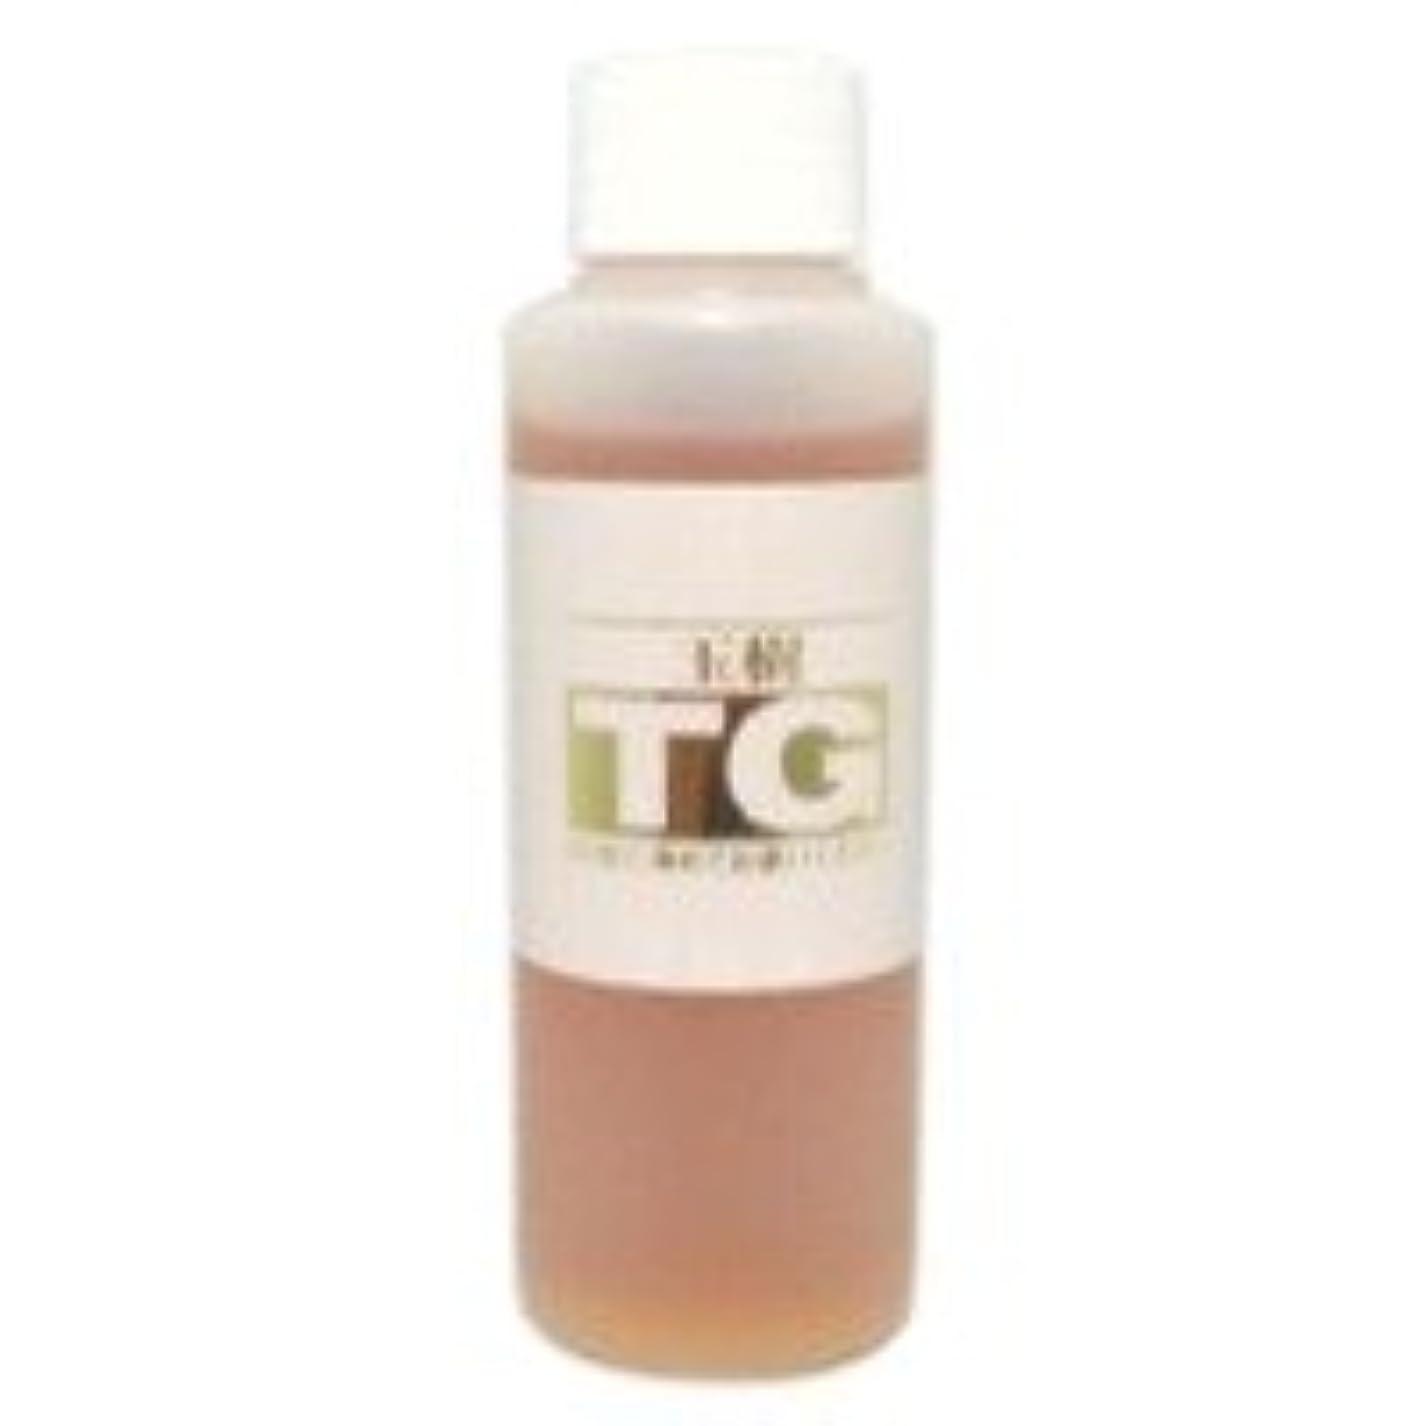 発疹なめらかな意味のある玉樹水TG100 (100ml)